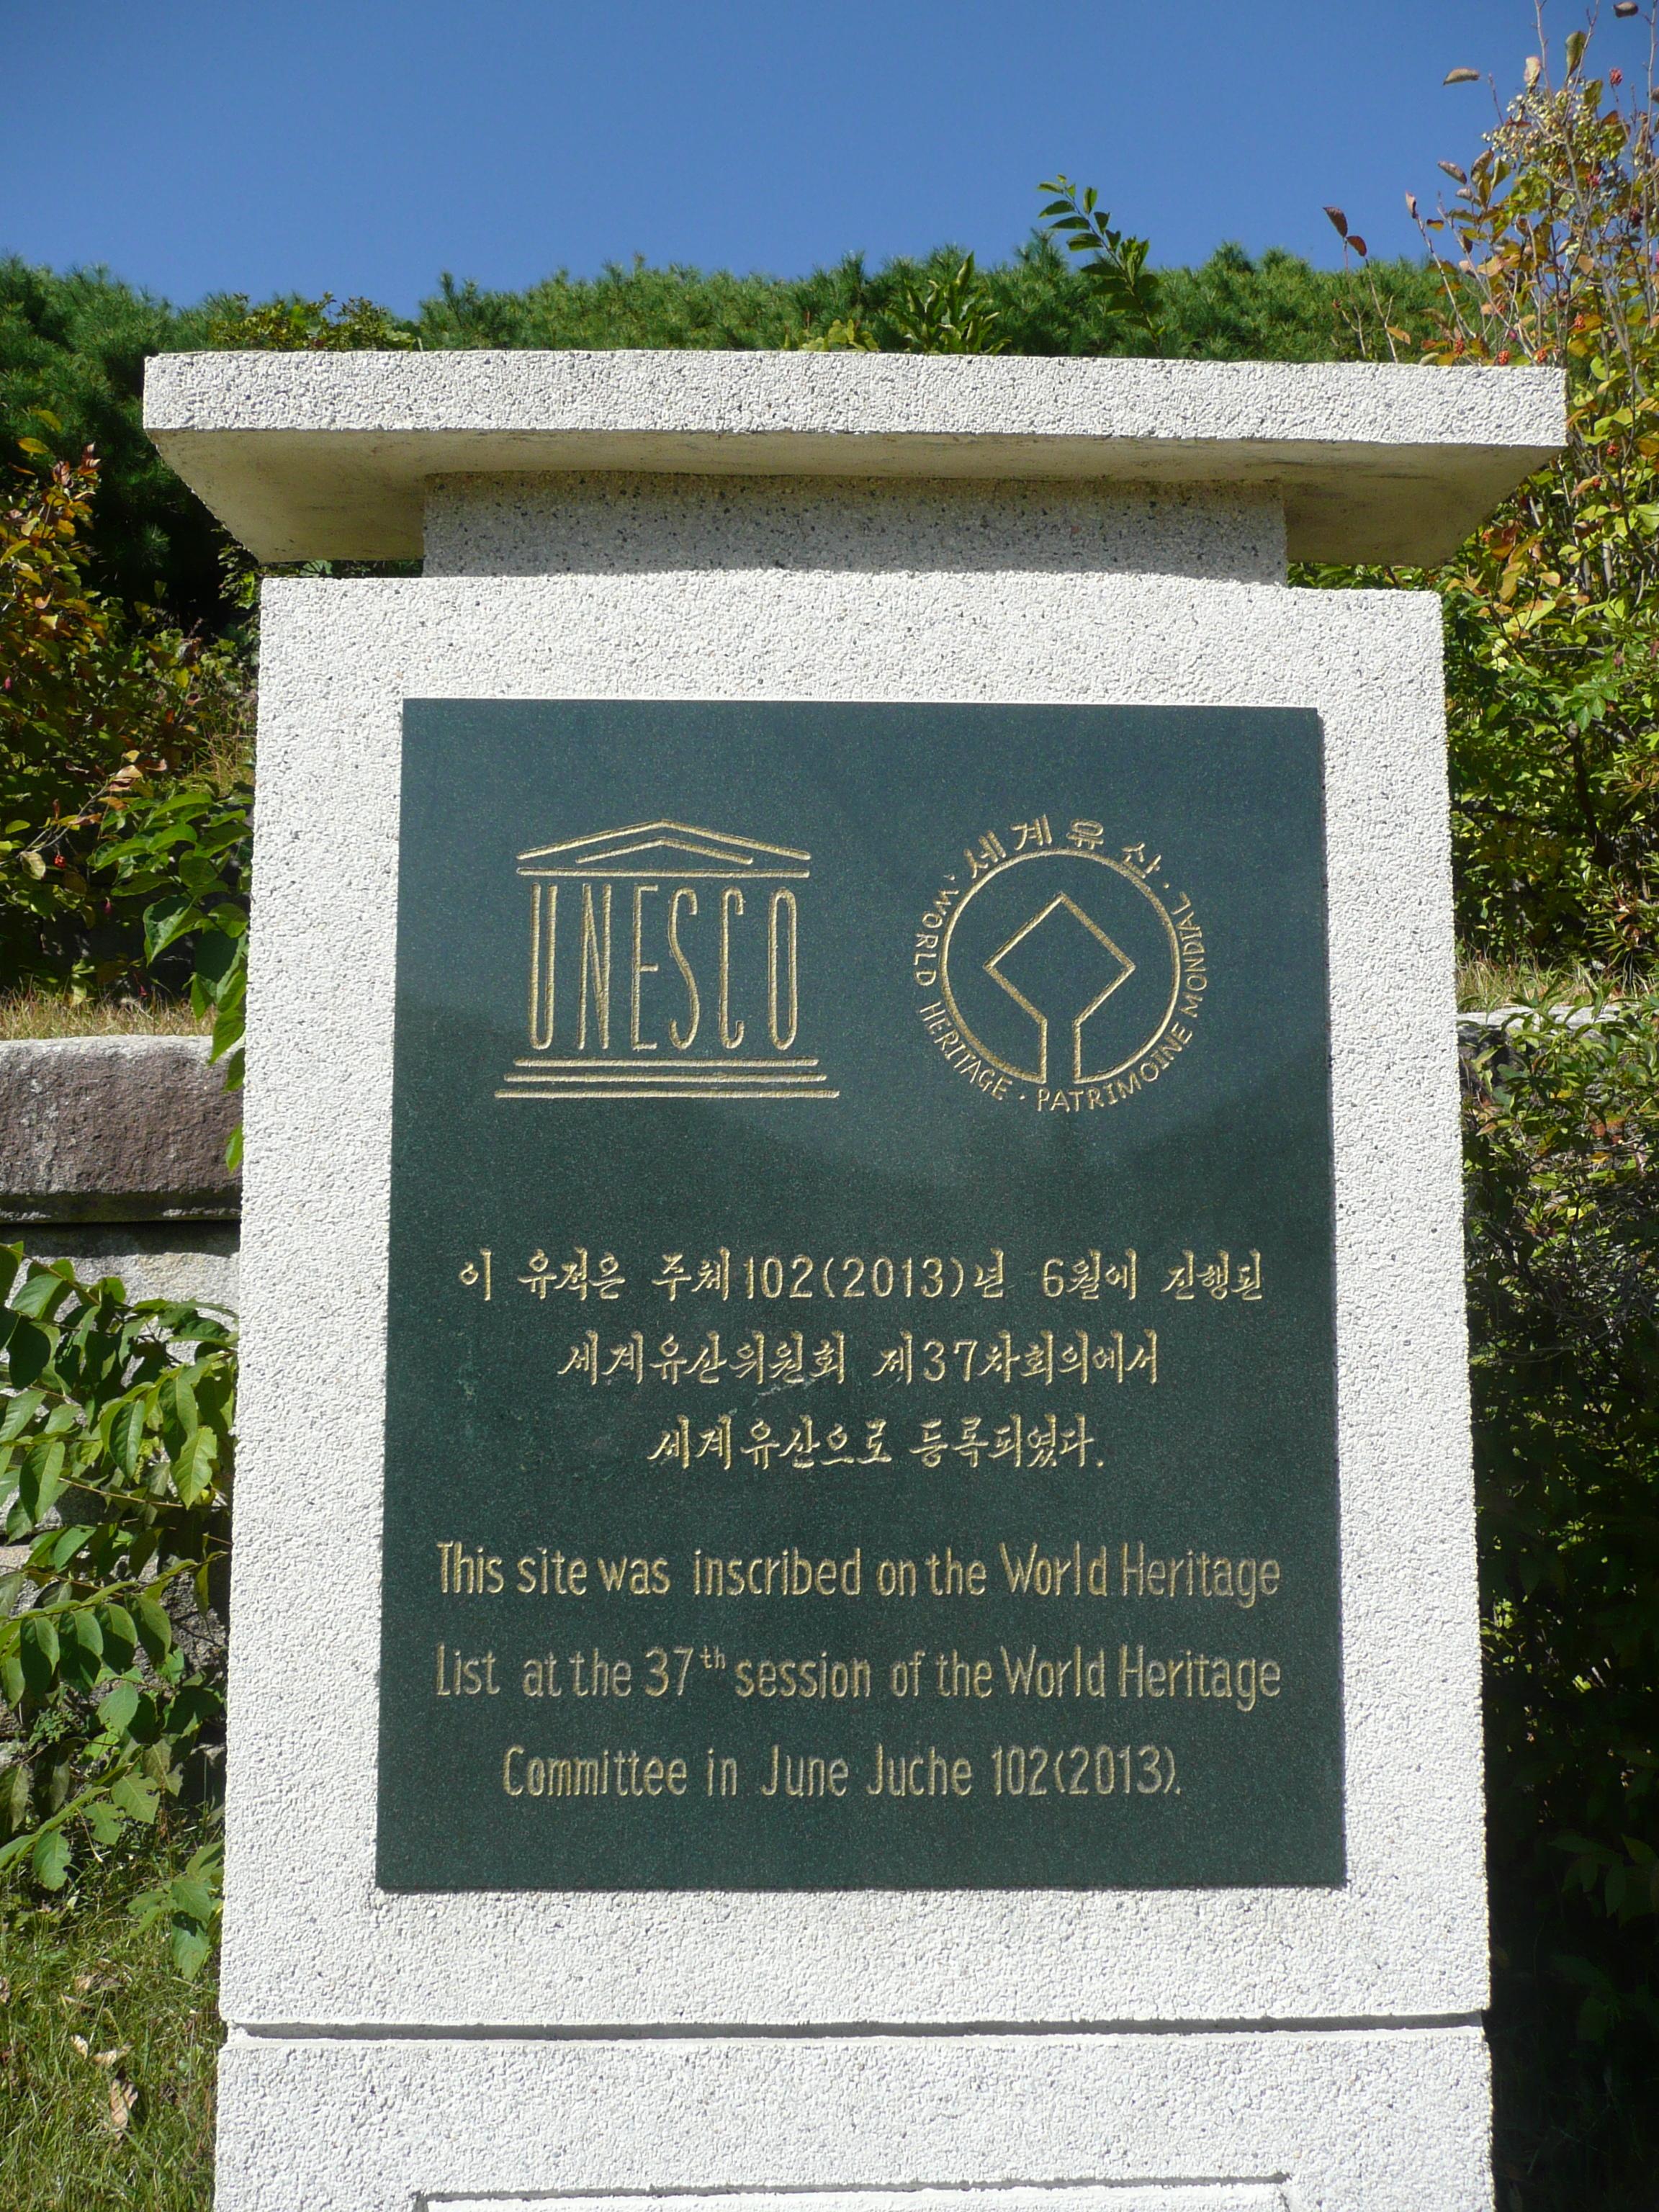 UNESCO World Heritage site June Juche 102 (2013)